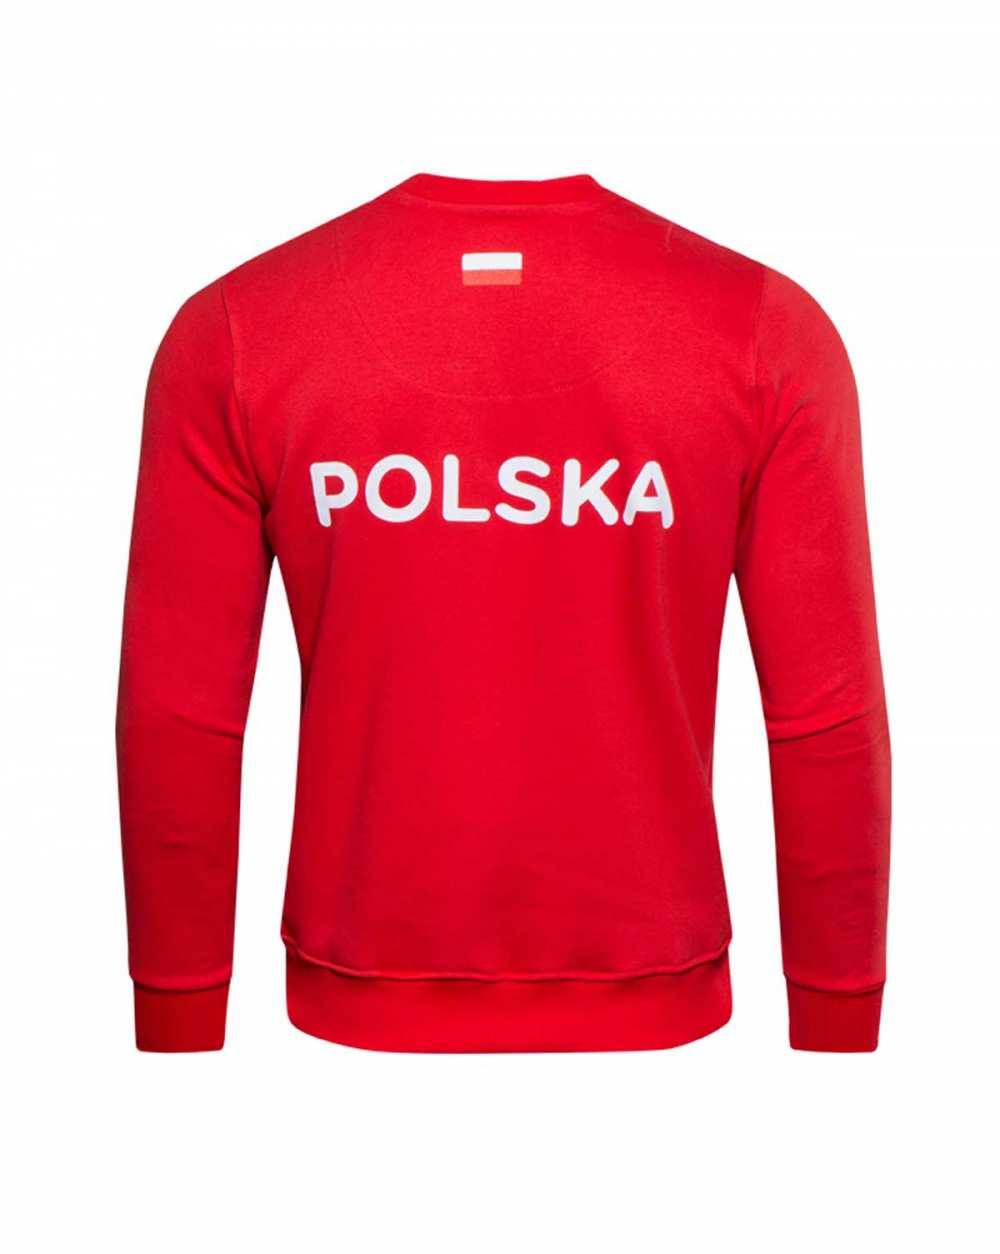 gowne bluza patriotyczna polska